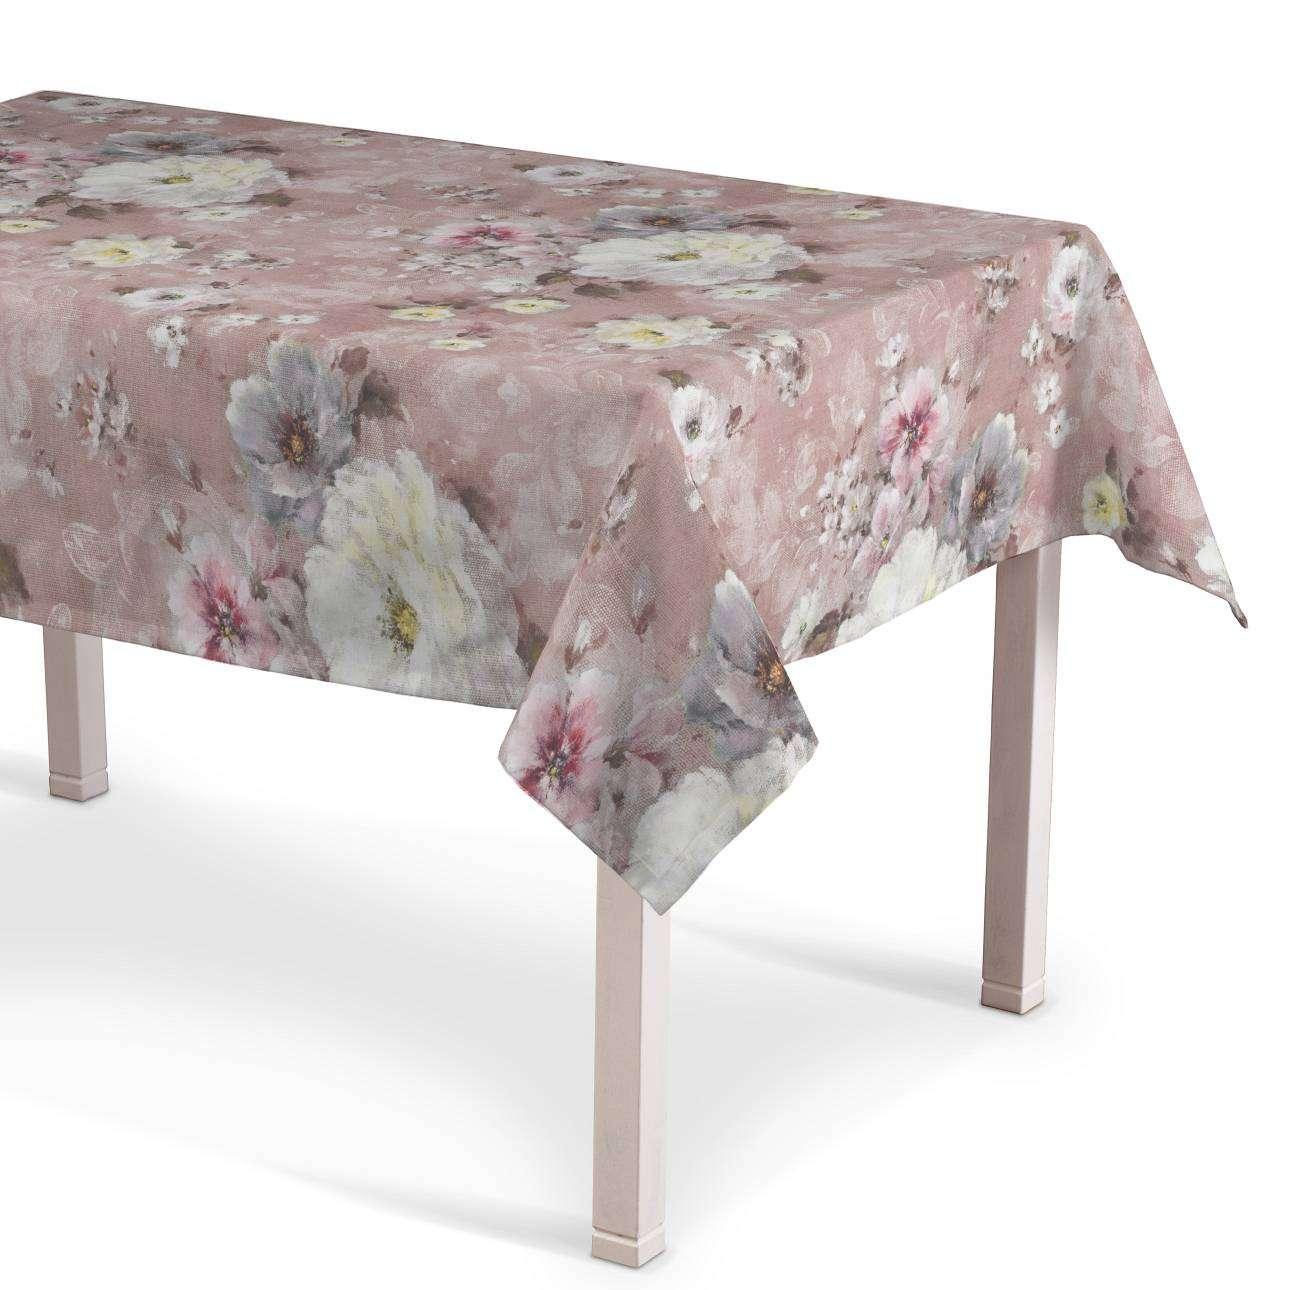 Ubrus obdélníkový v kolekci Monet, látka: 137-83